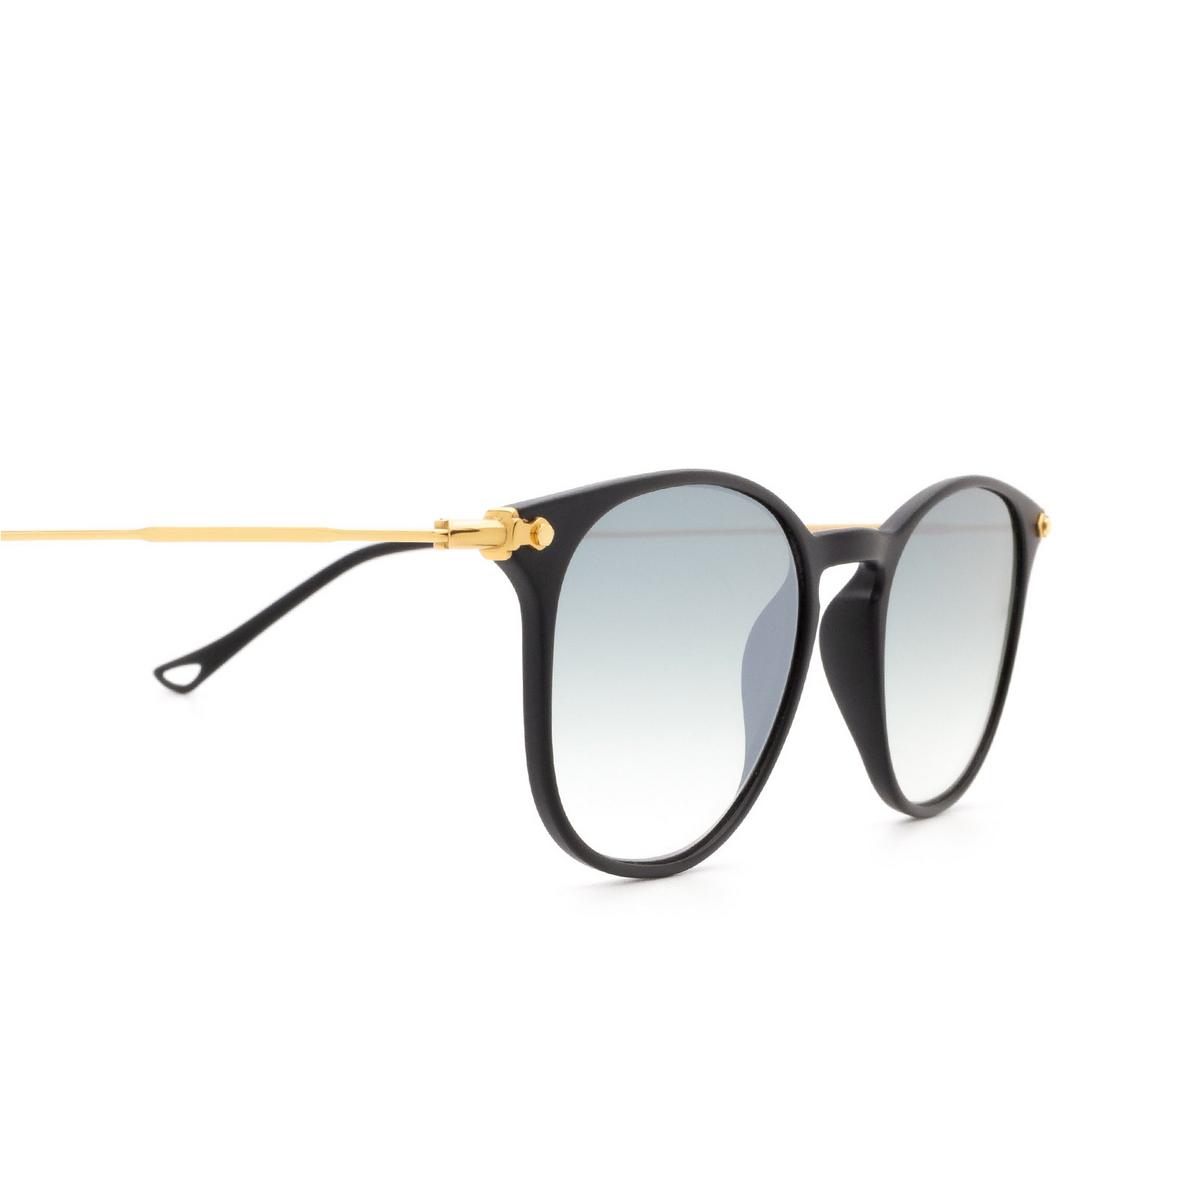 eyepetizer-montauk-ca-4-25f (2)